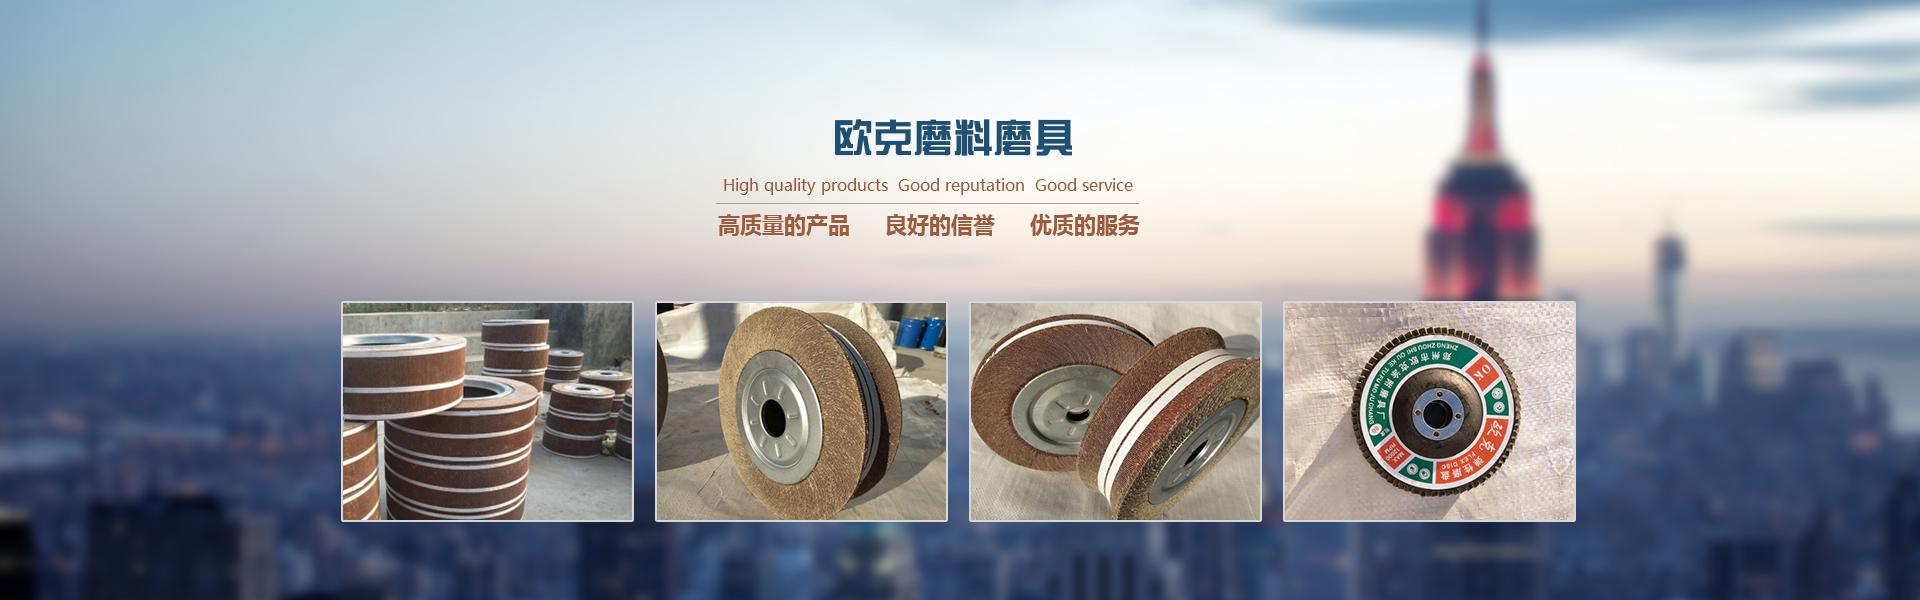 雷竞技官网手机版轮生产厂家欧克磨料雷竞技网站